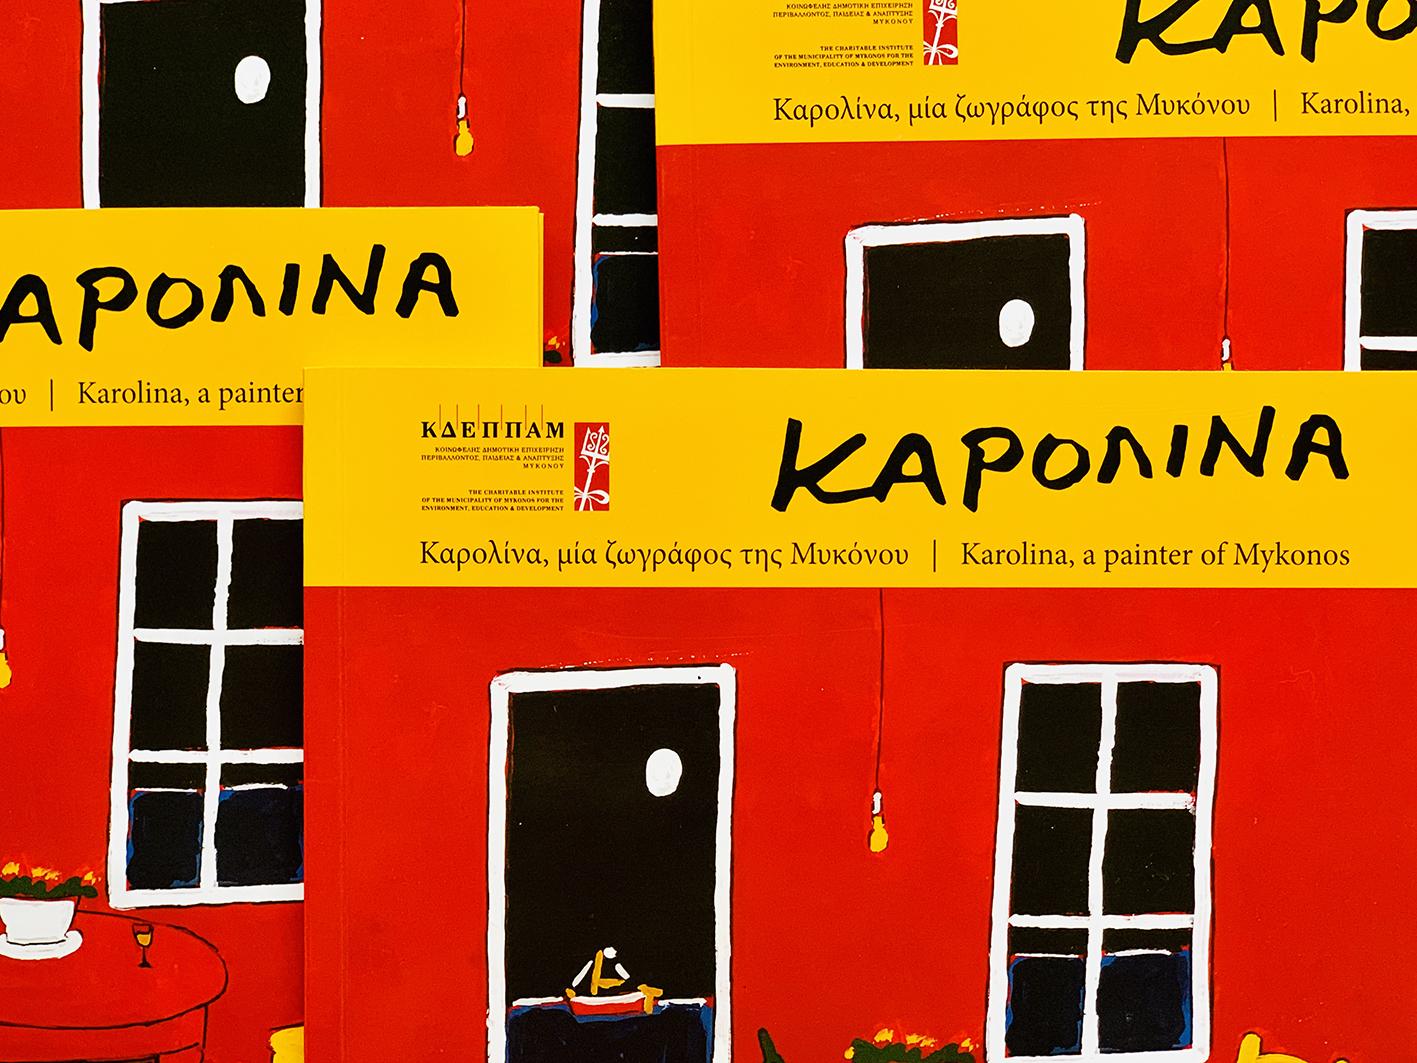 «Καρολίνα μια ζωγράφος της Μυκόνου», μια νέα έκδοση της ΚΔΕΠΠΑΜ